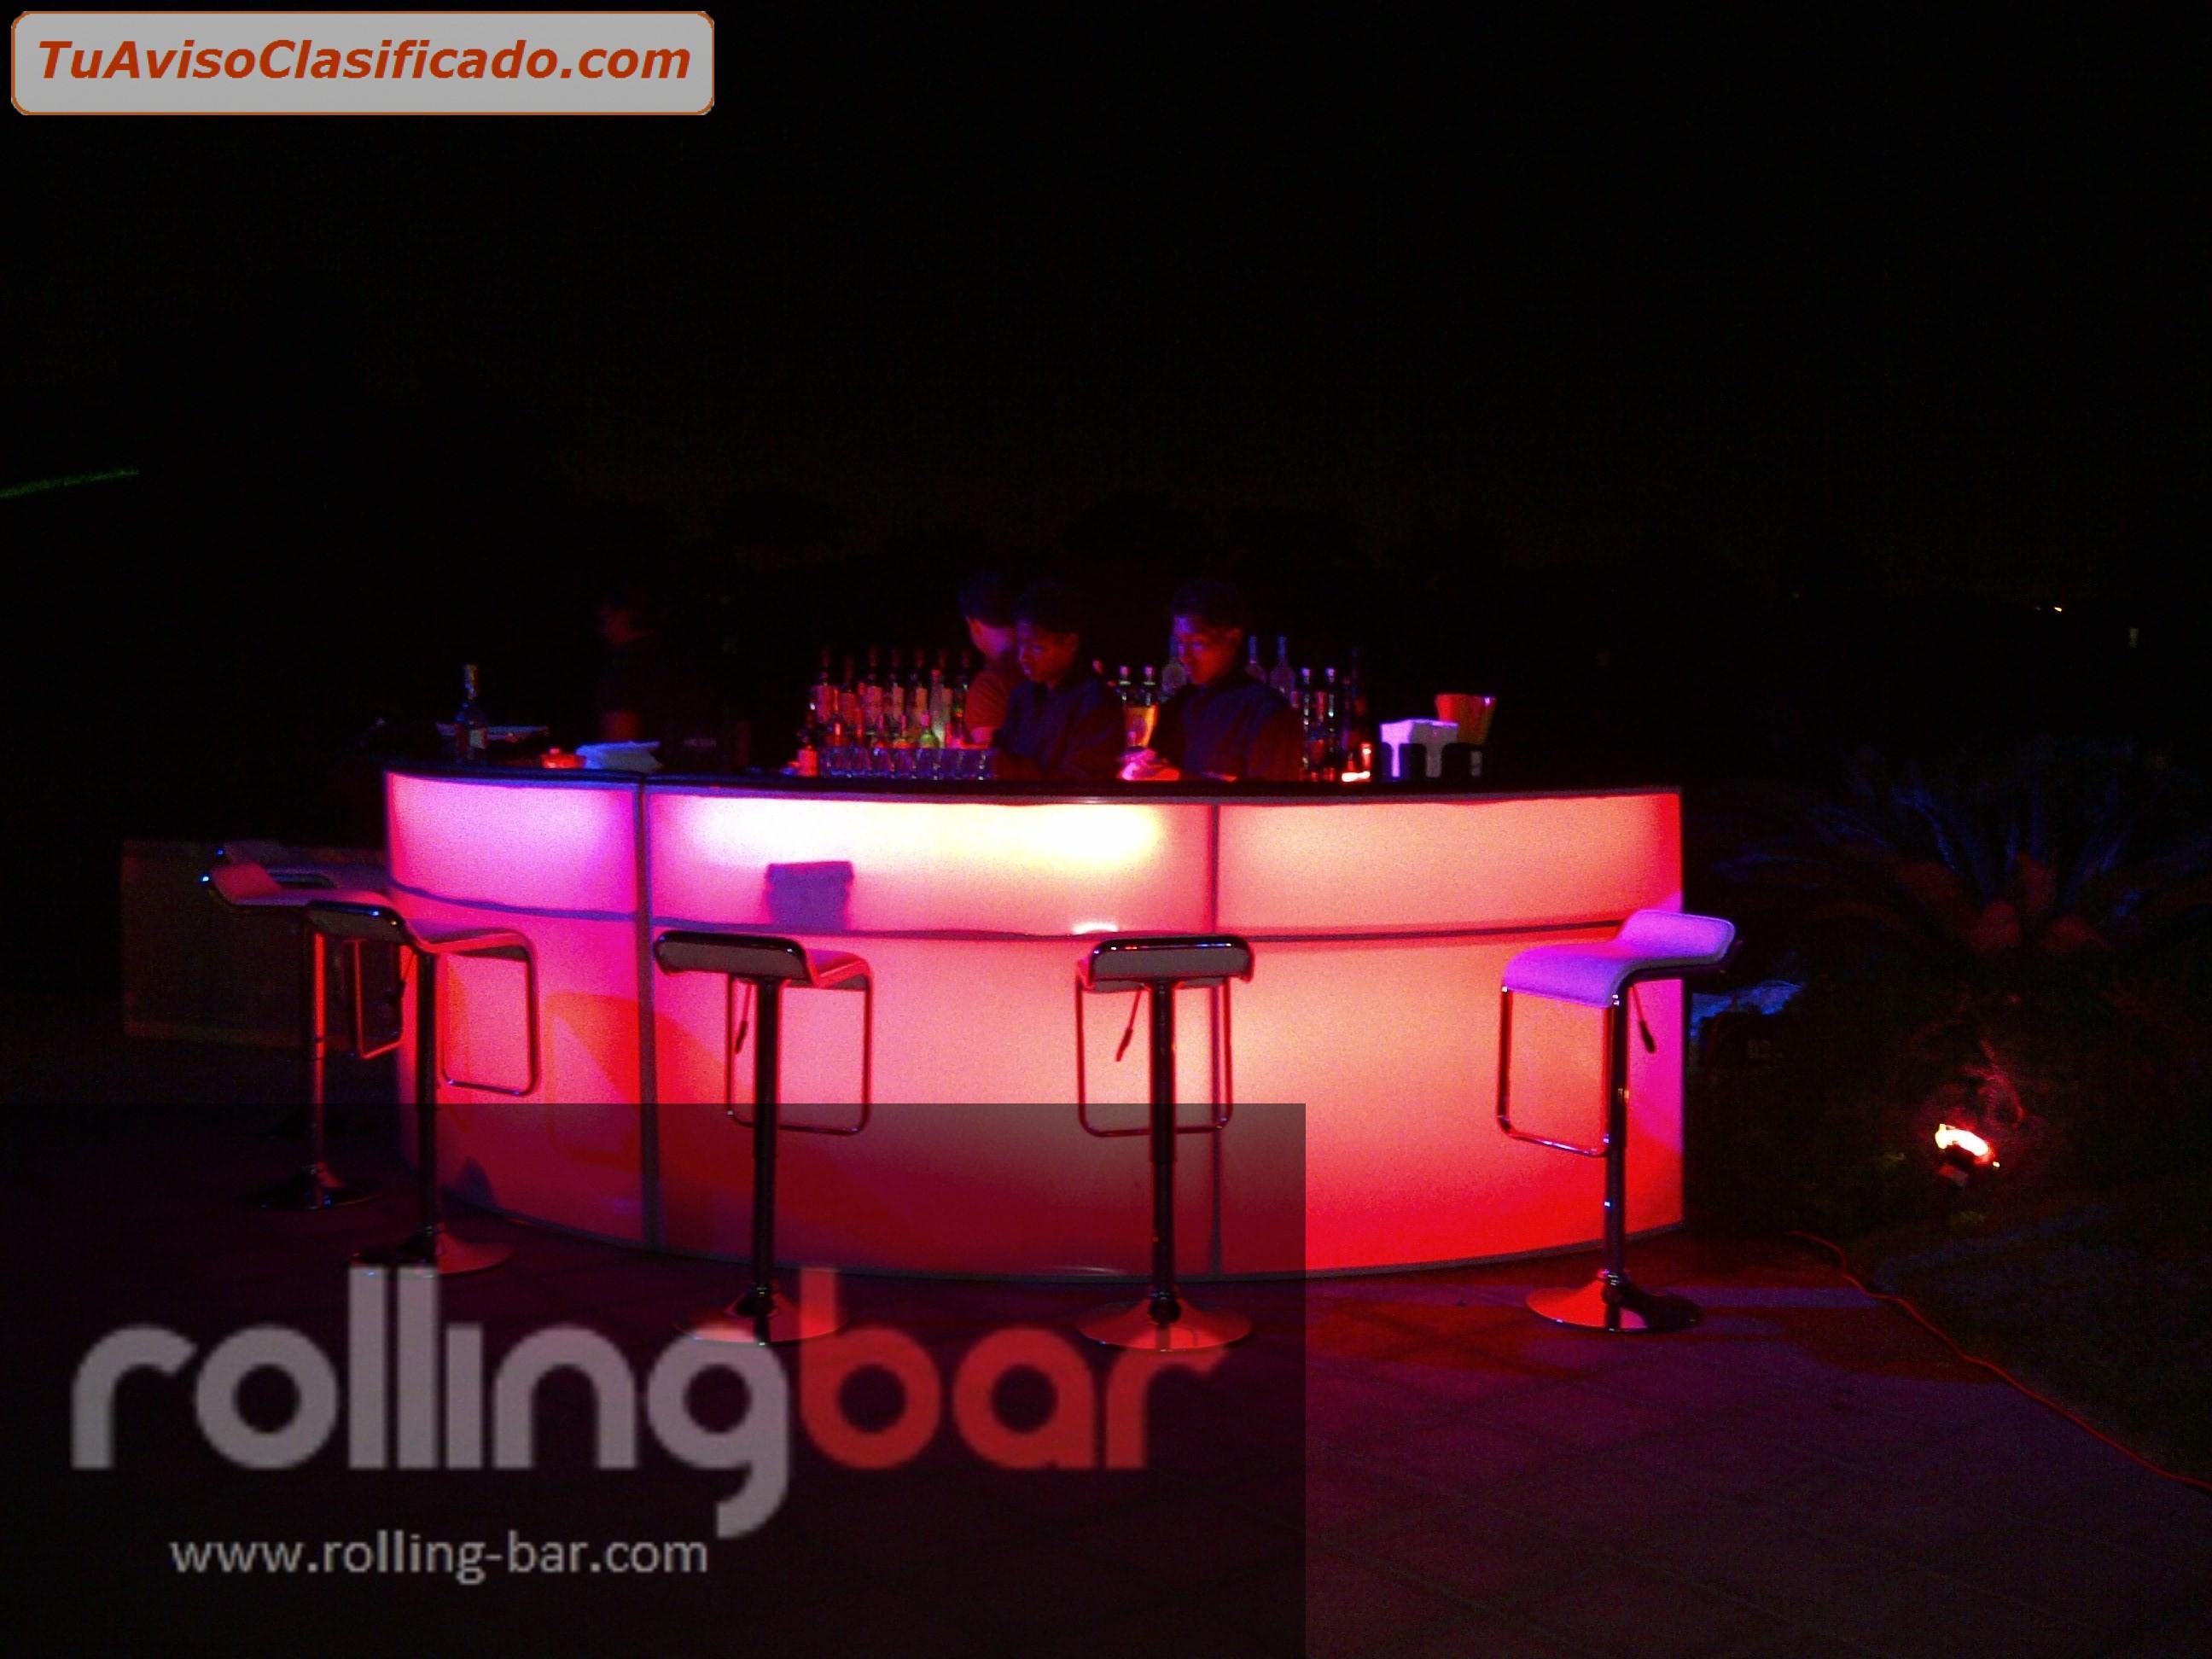 Avisos Publicados Por Rollingbar Entuavisoclasificado Com # Muebles Lounge Para Eventos